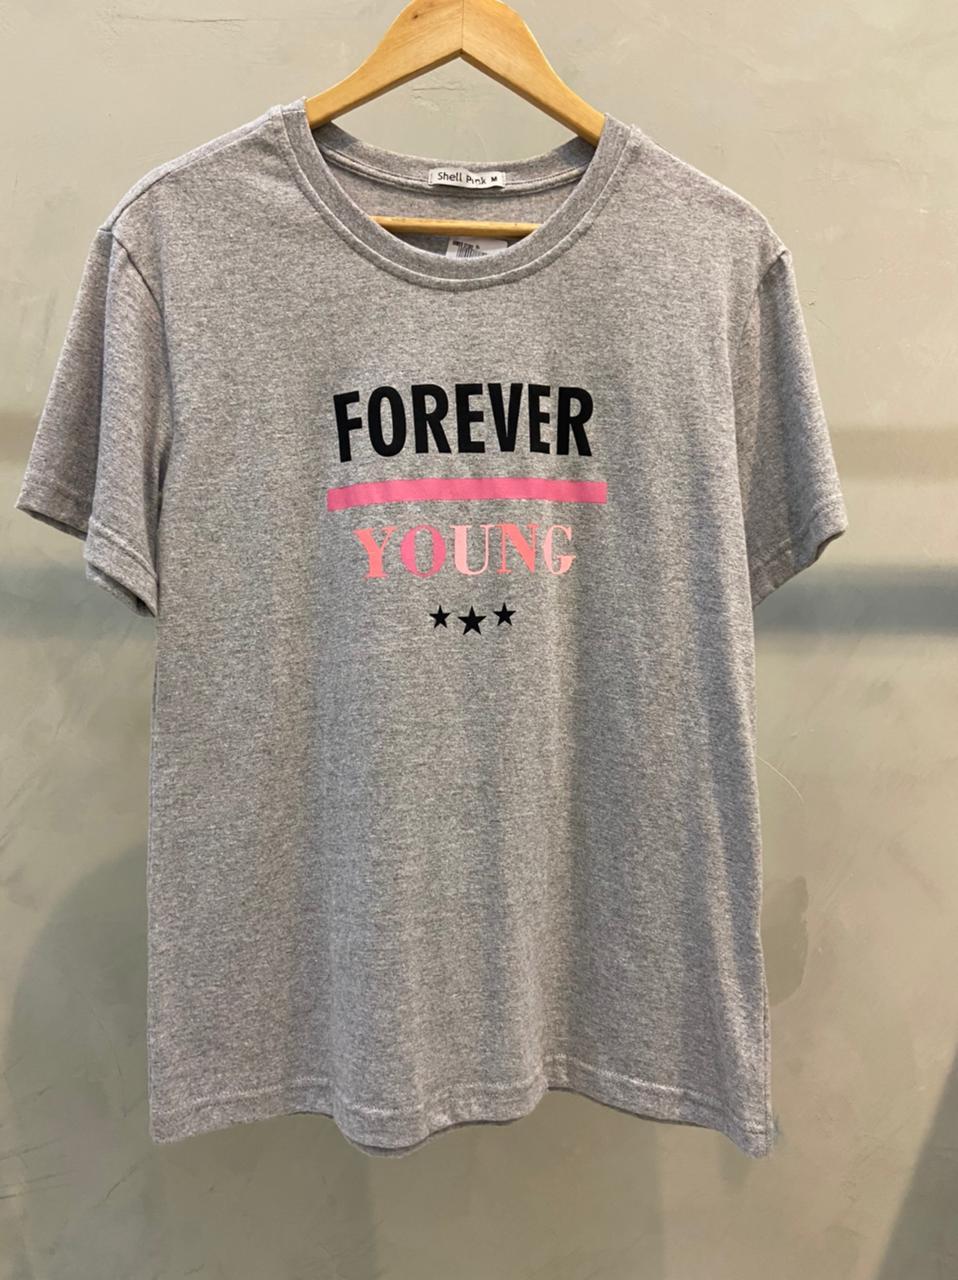 Camiseta de Algodão forever